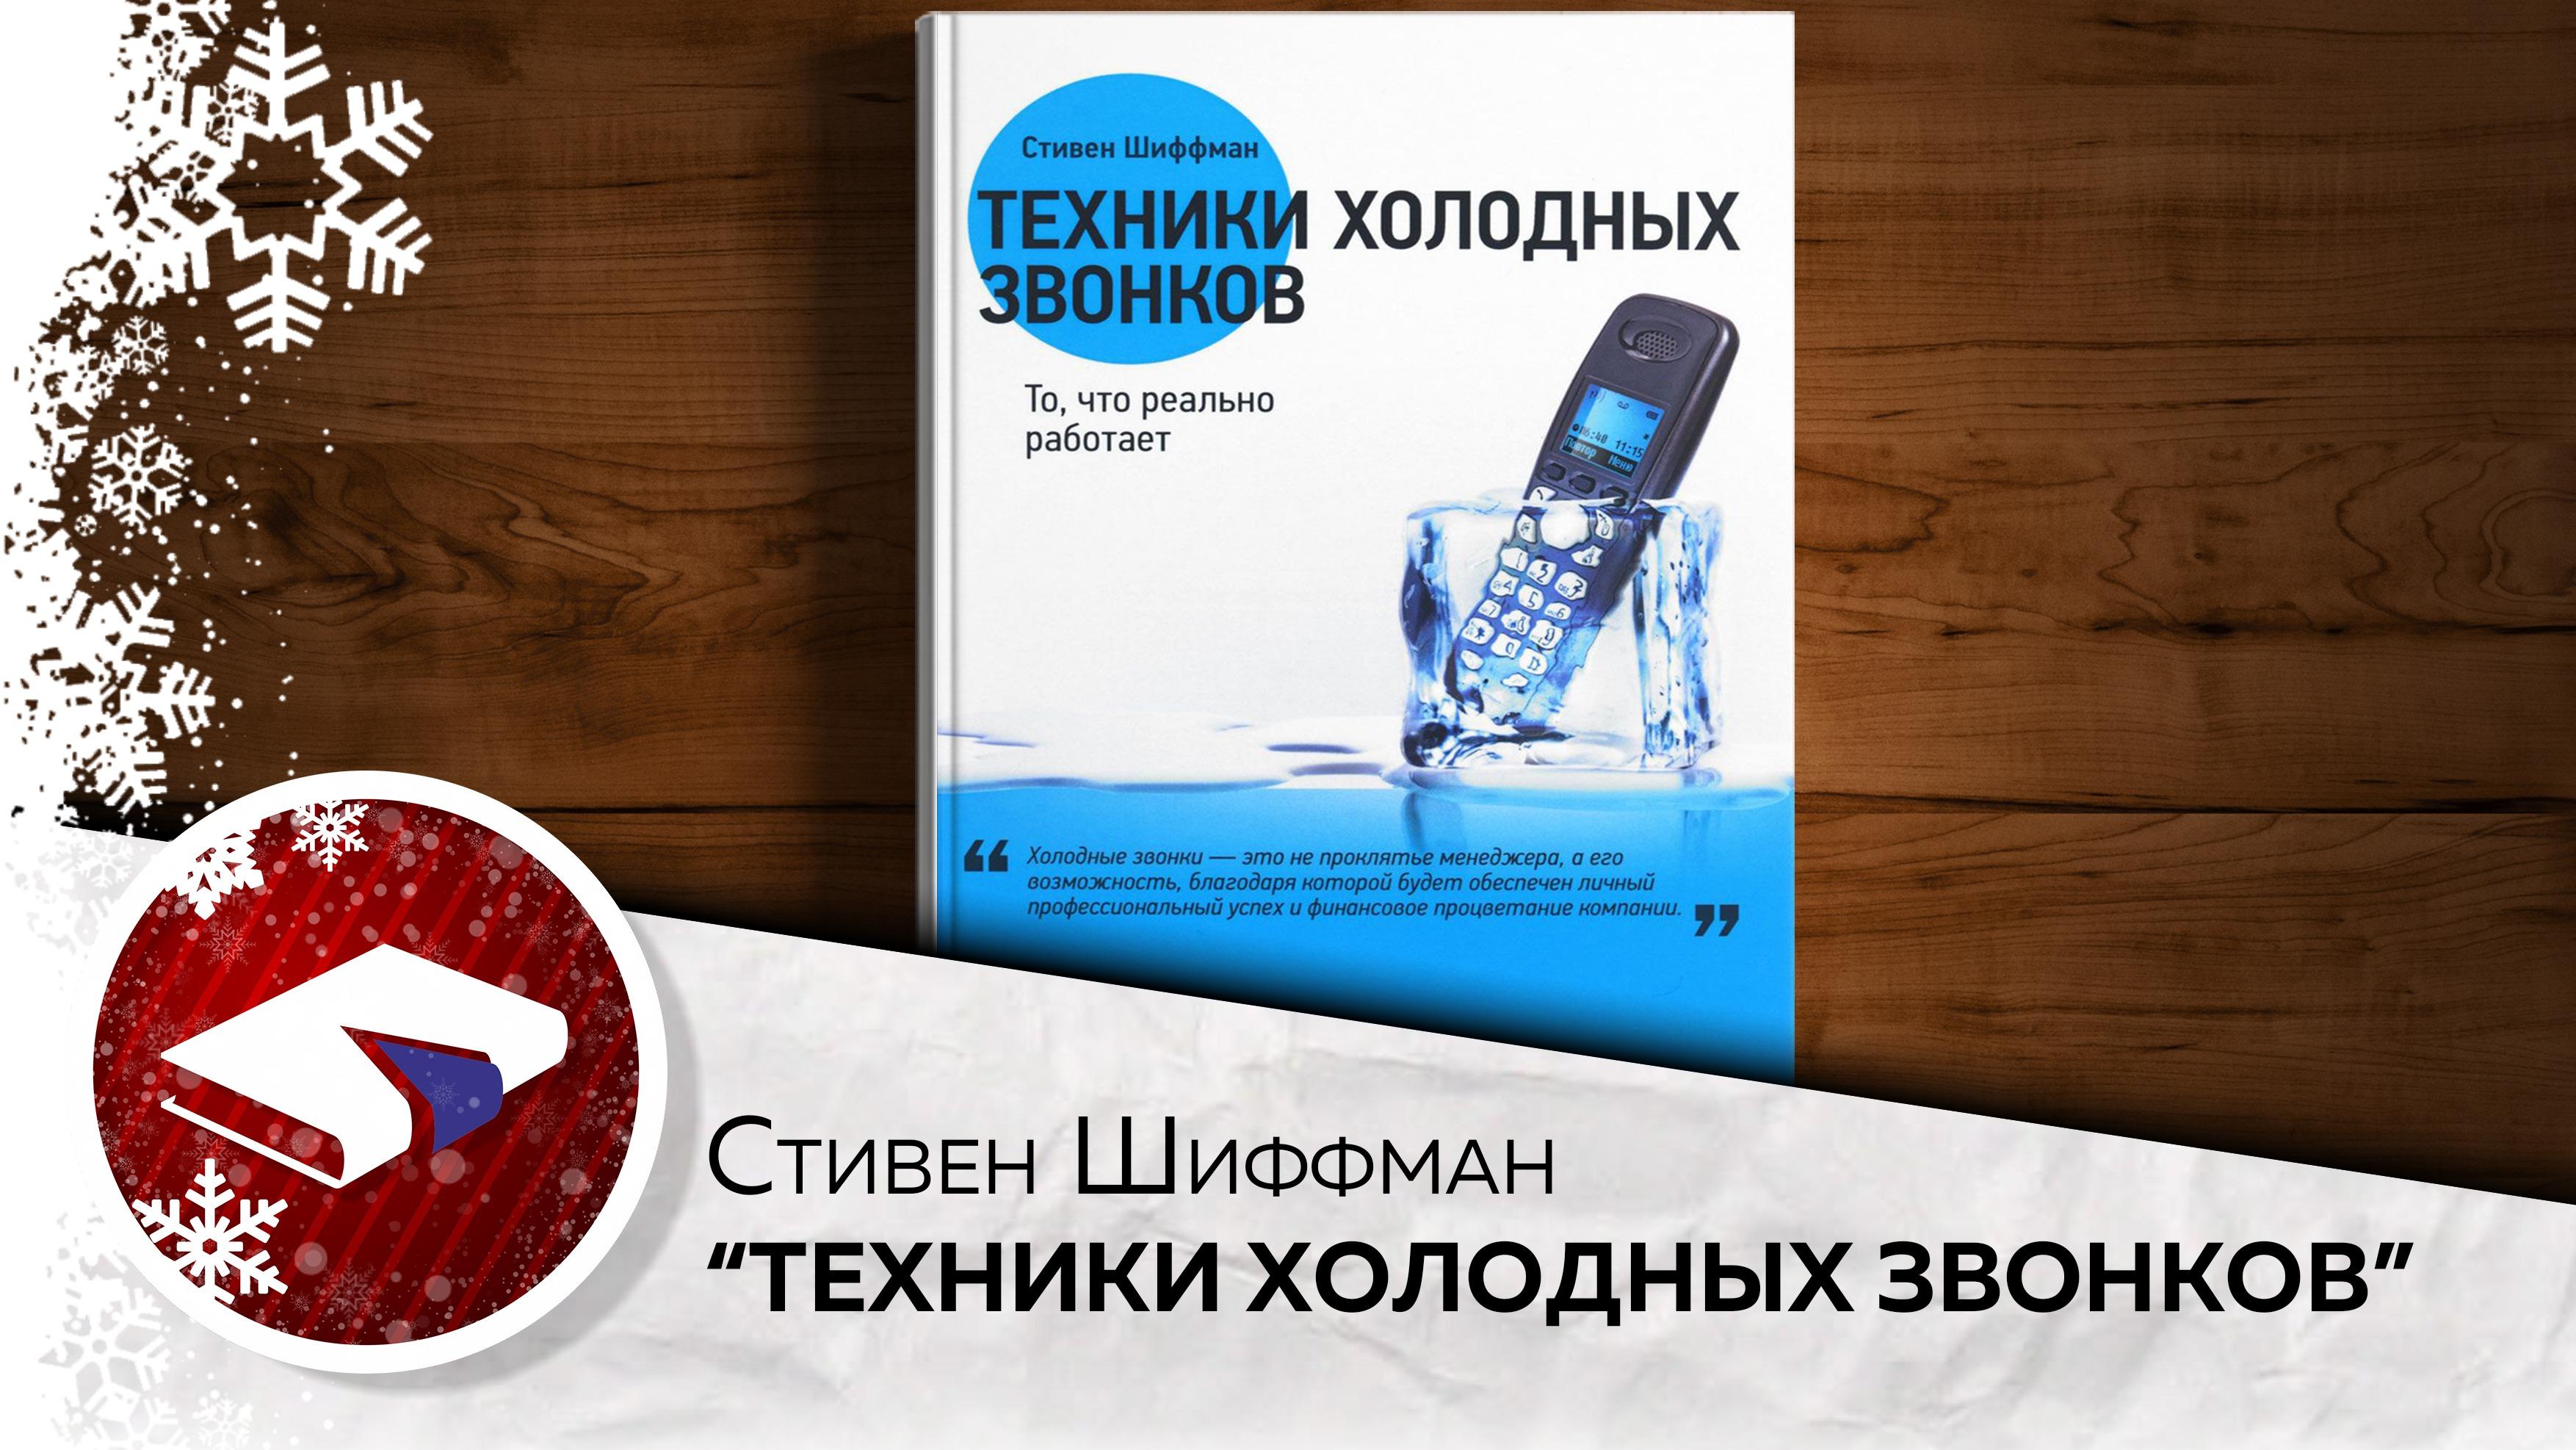 ШИФМАН ТЕХНИКА ХОЛОДНЫХ ЗВОНКОВ СКАЧАТЬ БЕСПЛАТНО